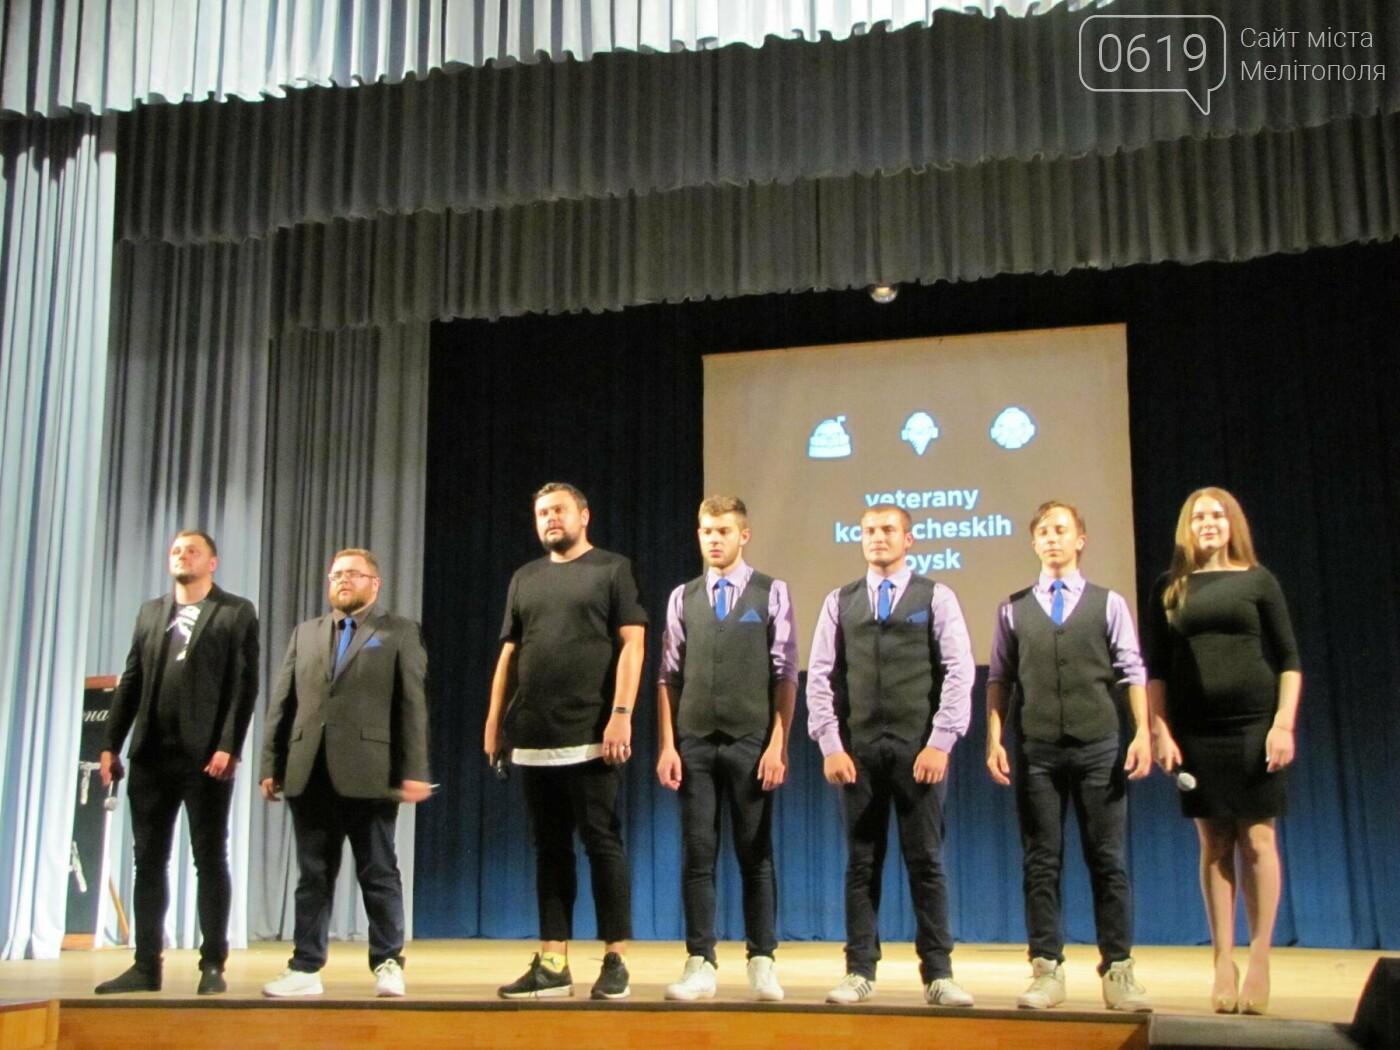 """Звезды """"Лиги смеха"""" выступили на одной сцене с мелитопольскими студентами , фото-13"""